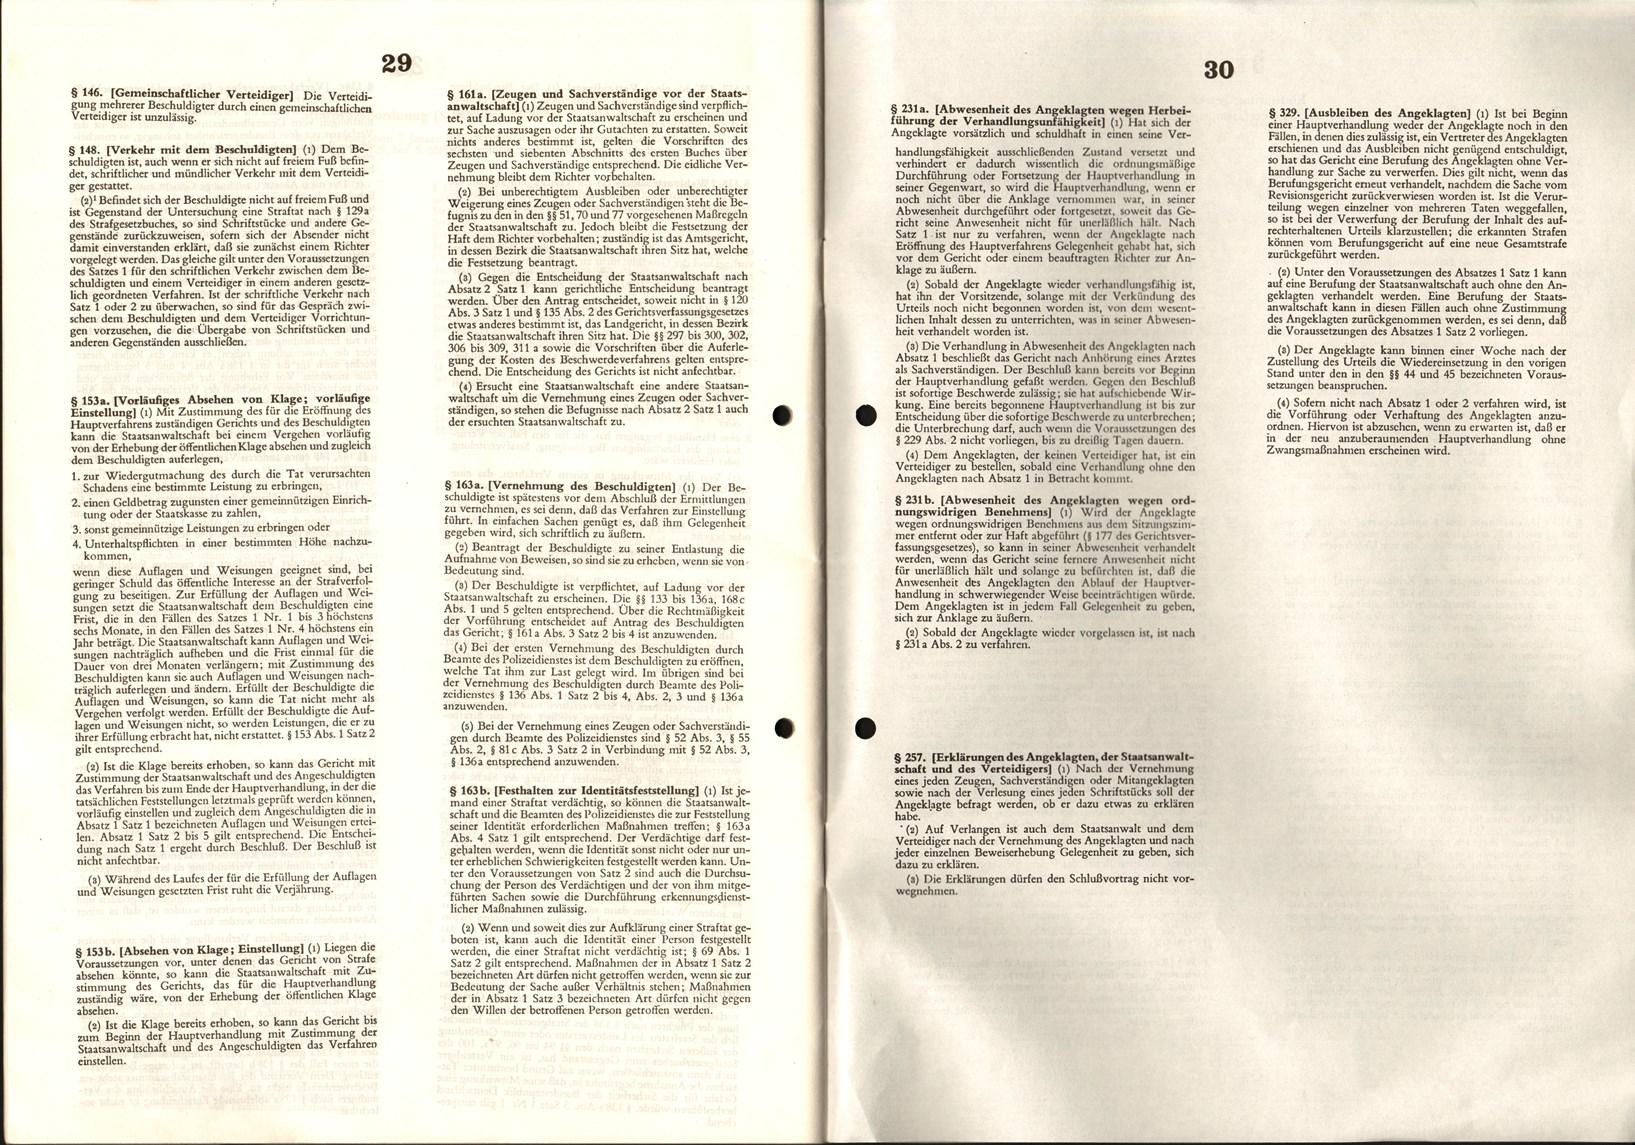 RT_Zur_zweiten_Sitzungsperiode_1979_20